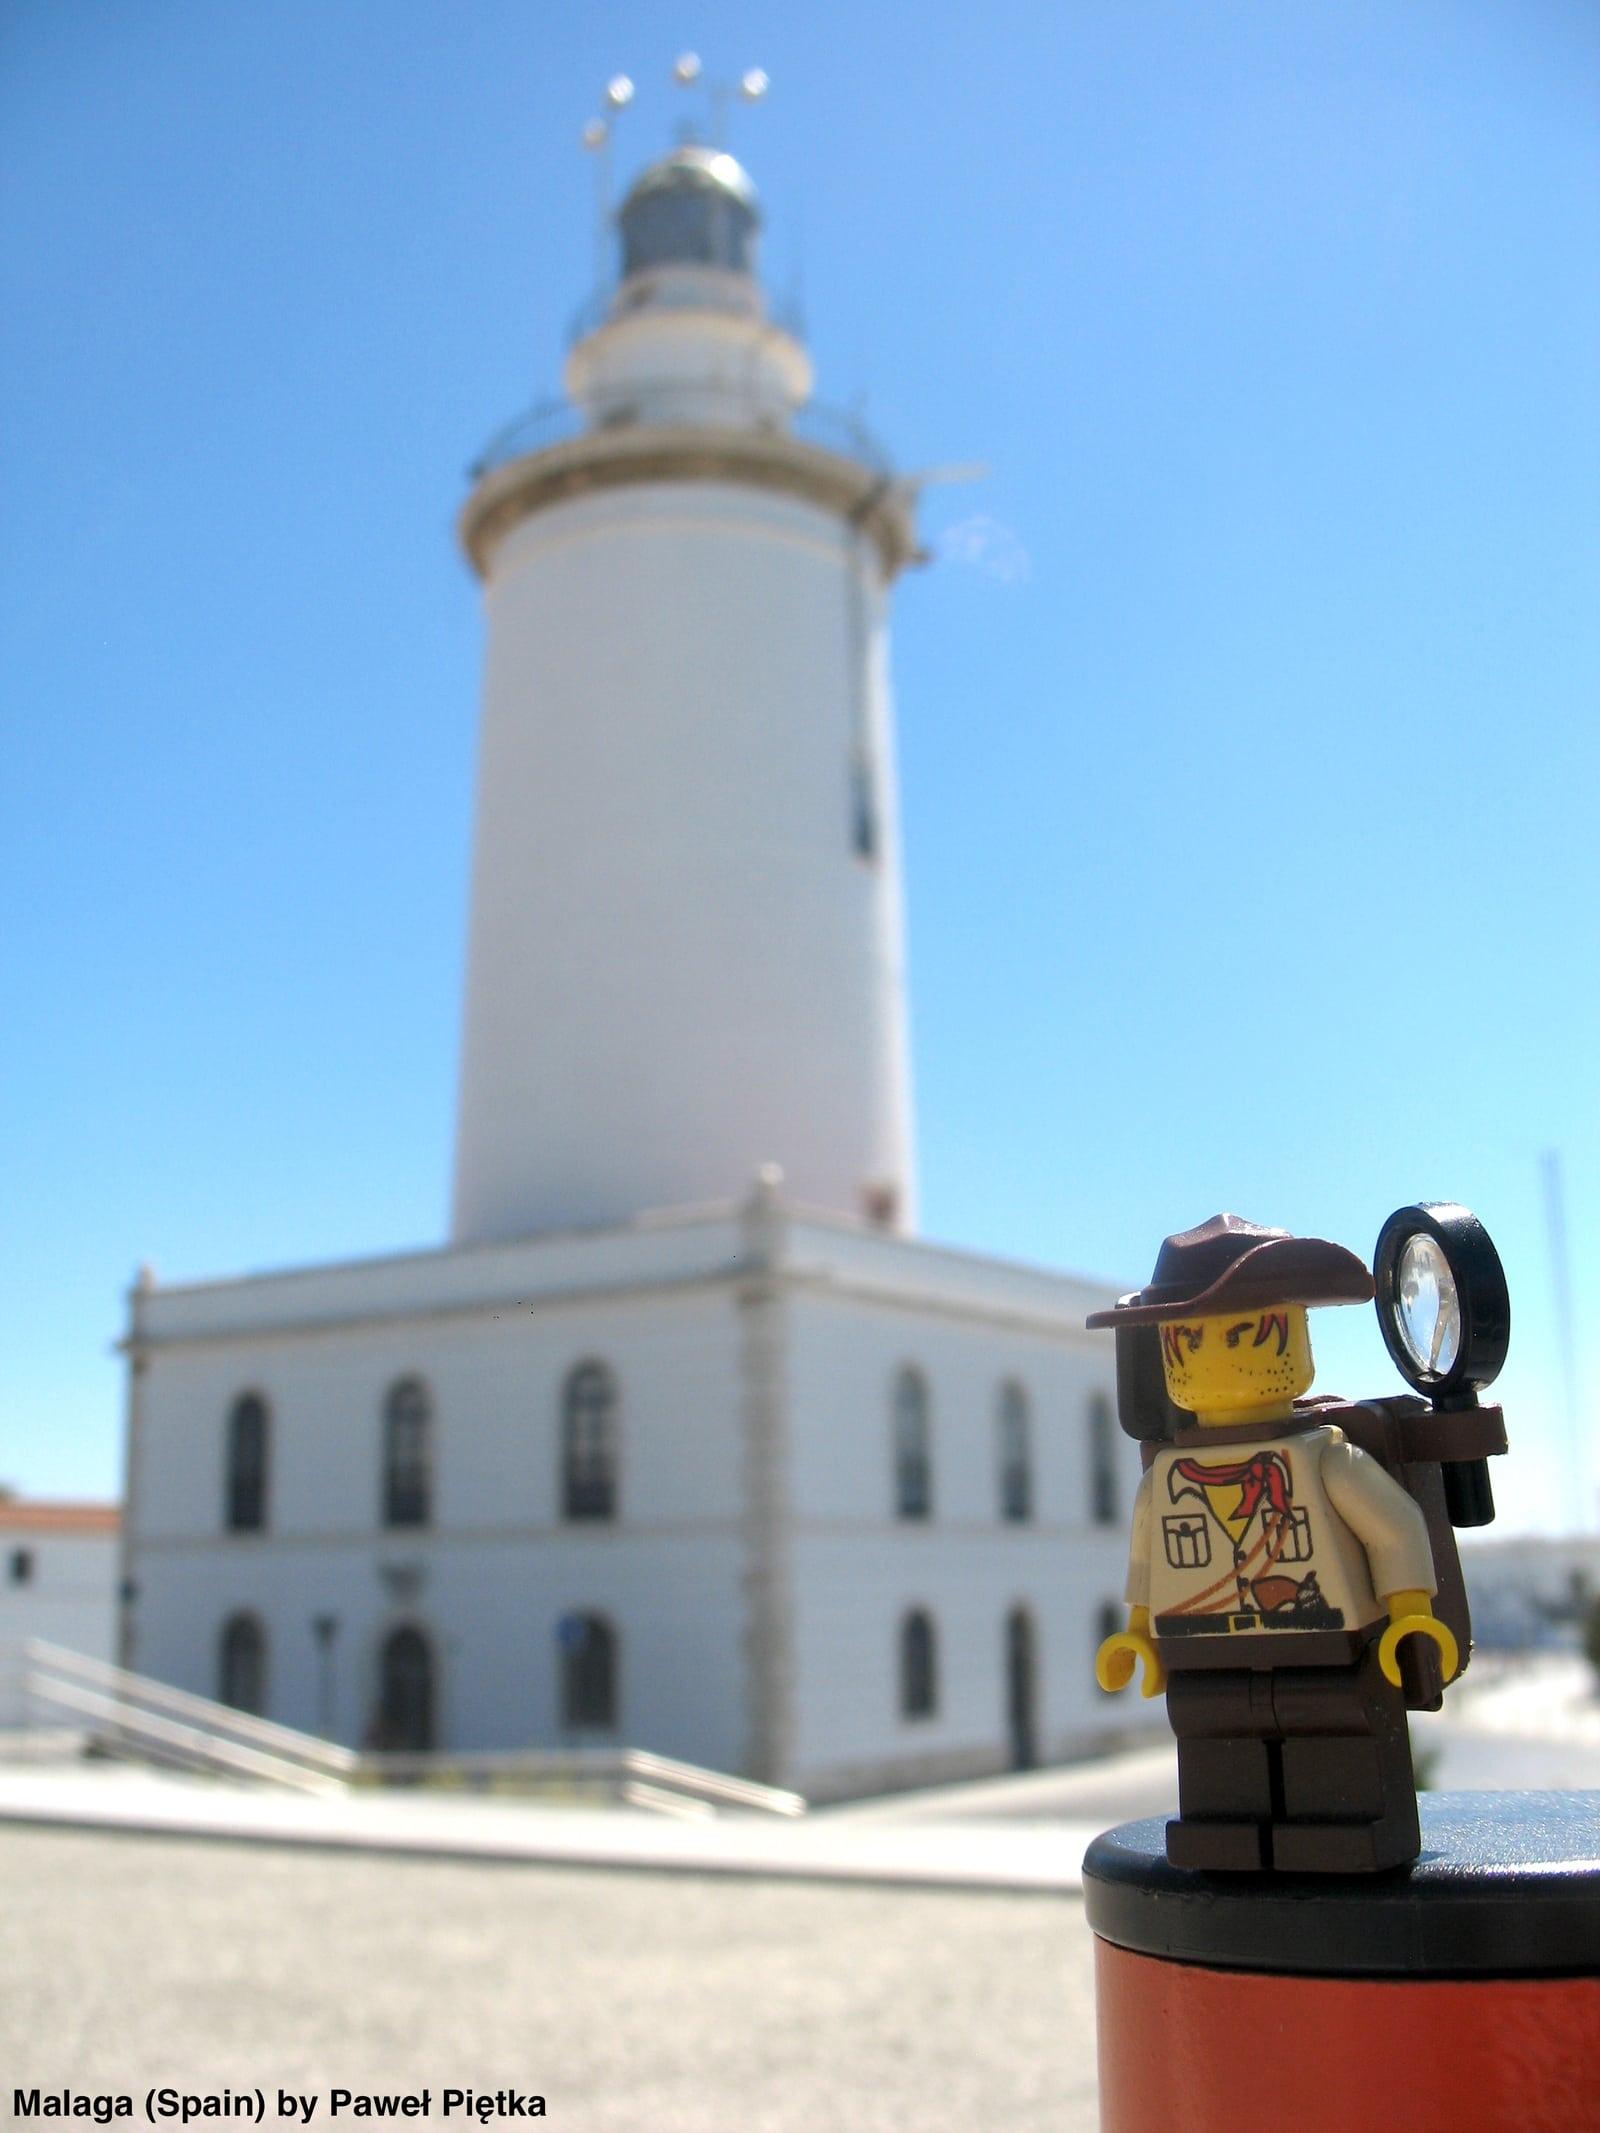 Malaga (Spain) - La Farola lighthouse